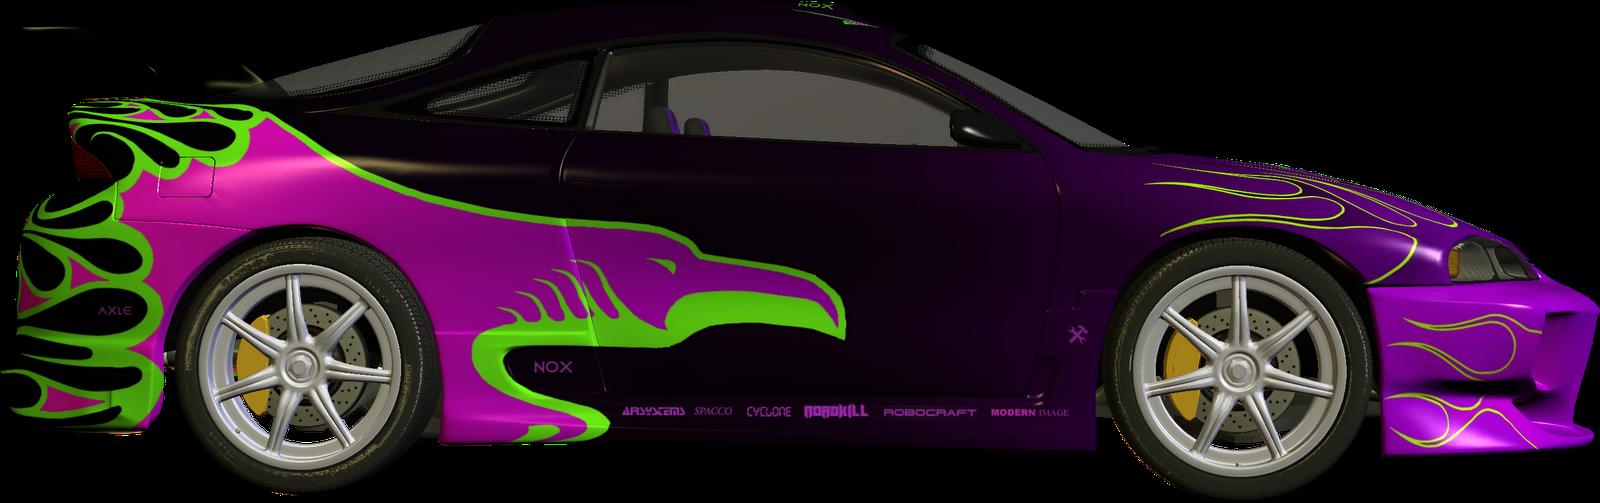 Race Car Images-Race Car Images-12